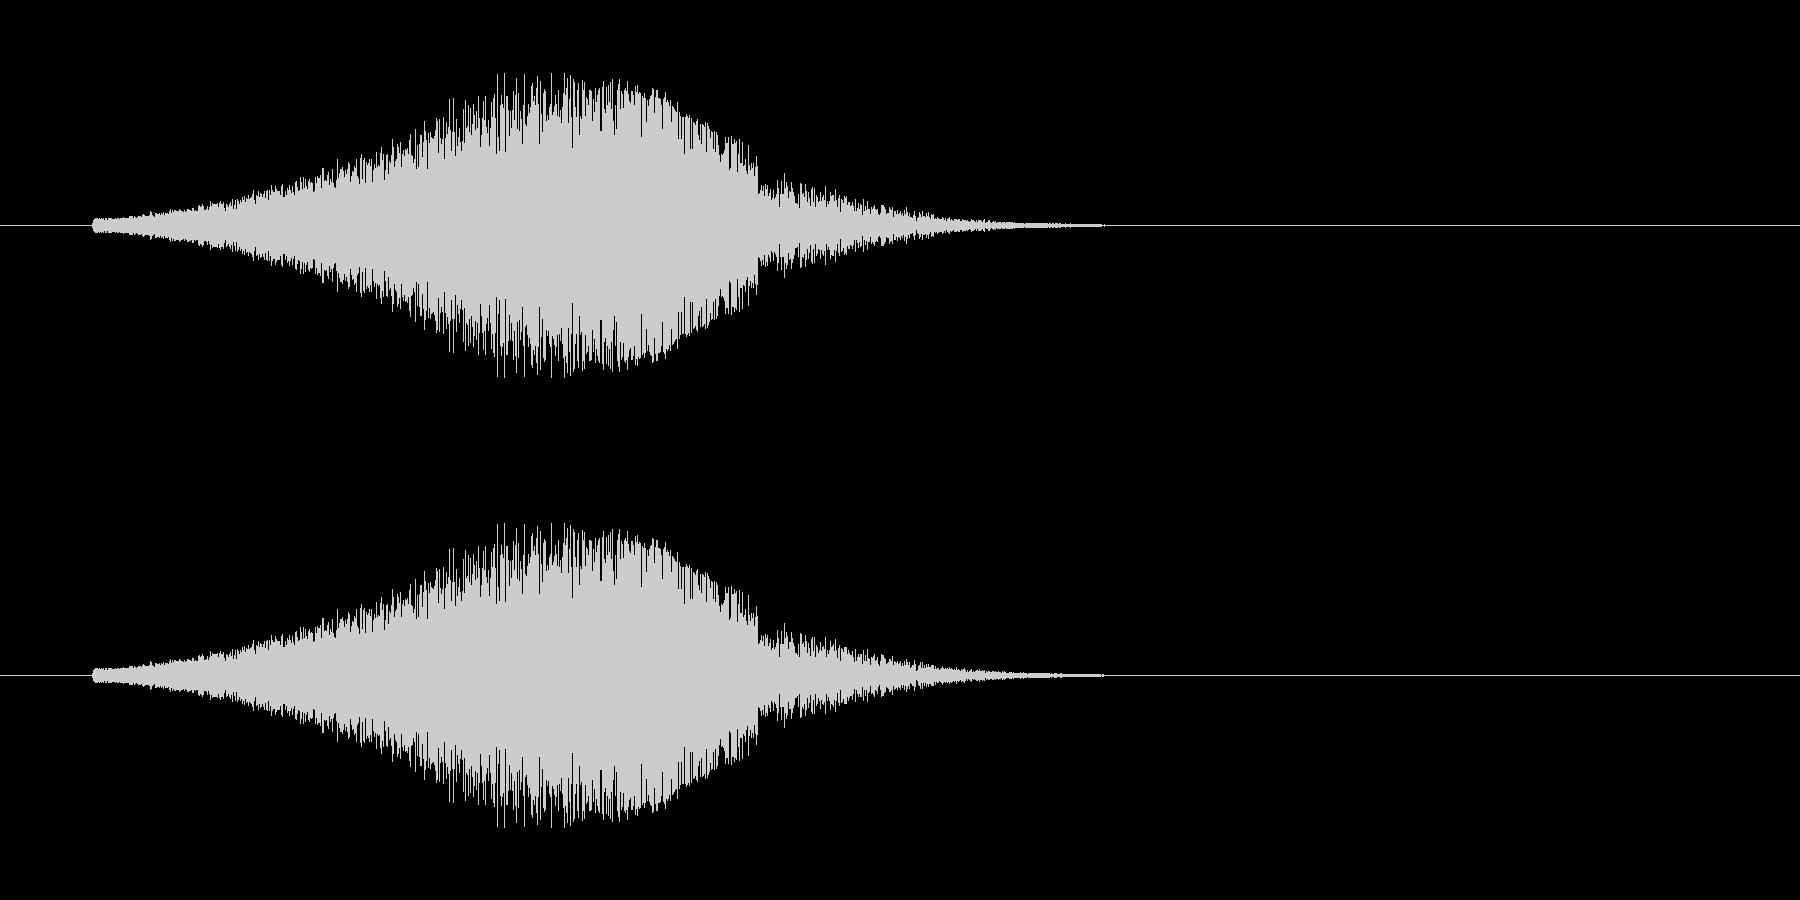 レーザー音-156-3の未再生の波形